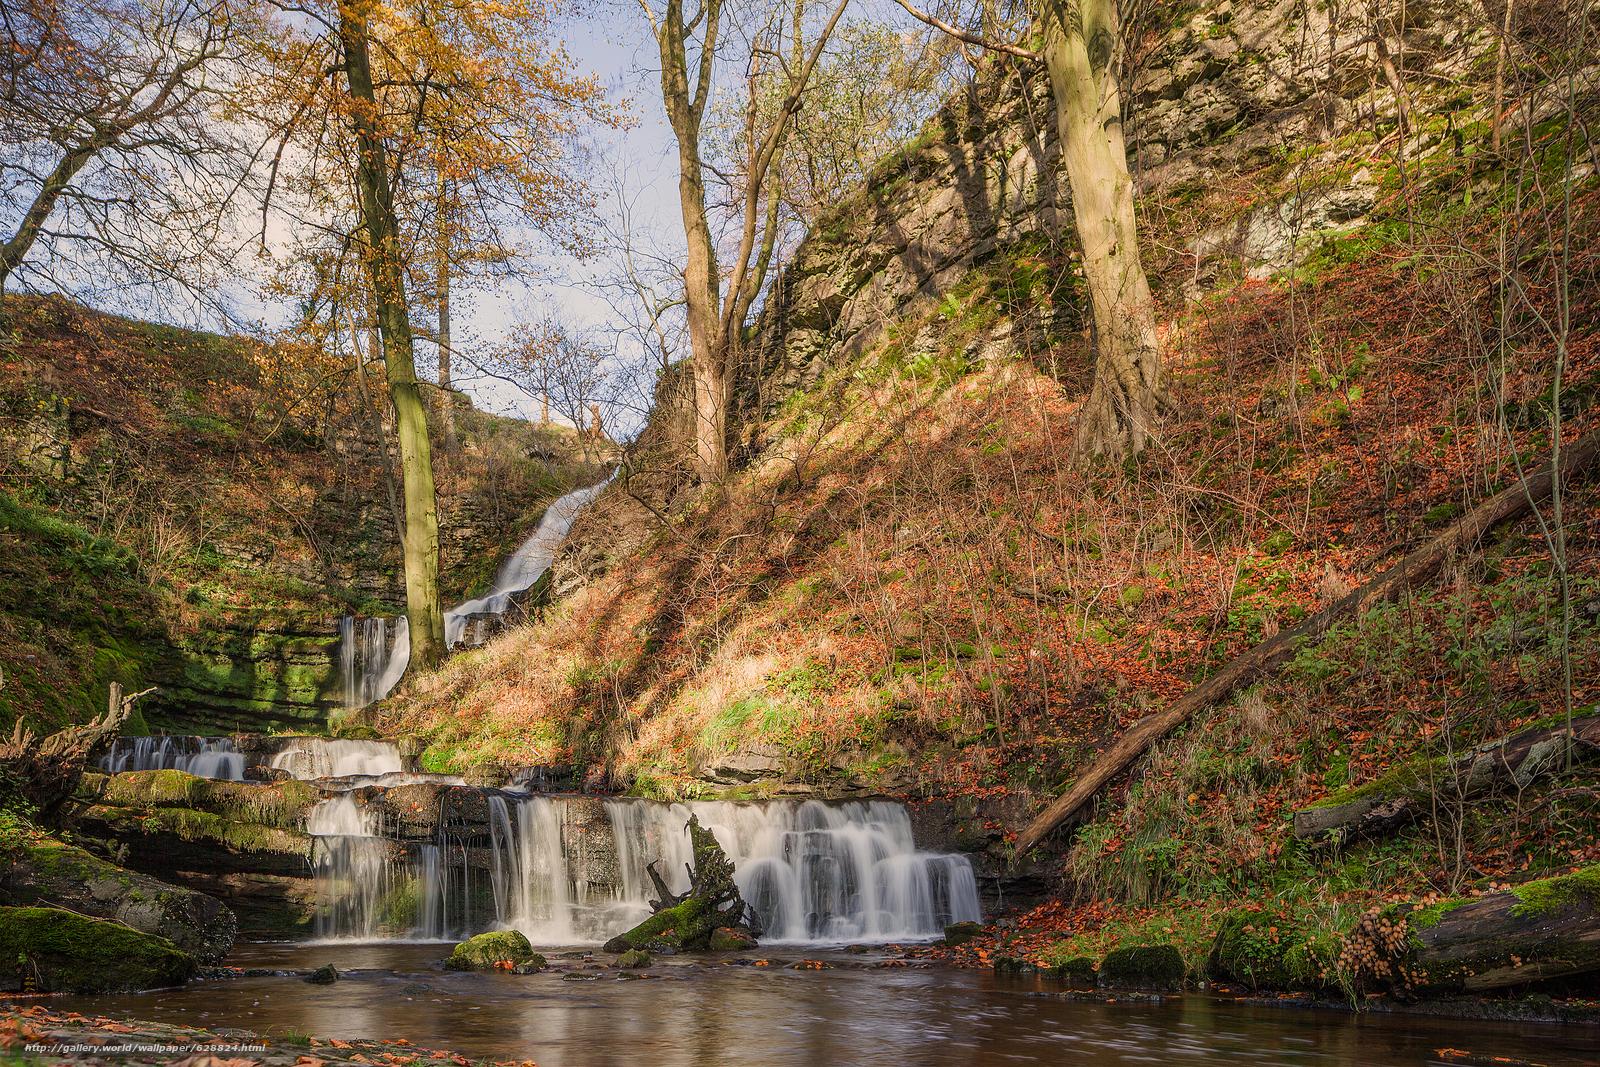 cachoeira, pequeno rio, Hills, natureza, outono